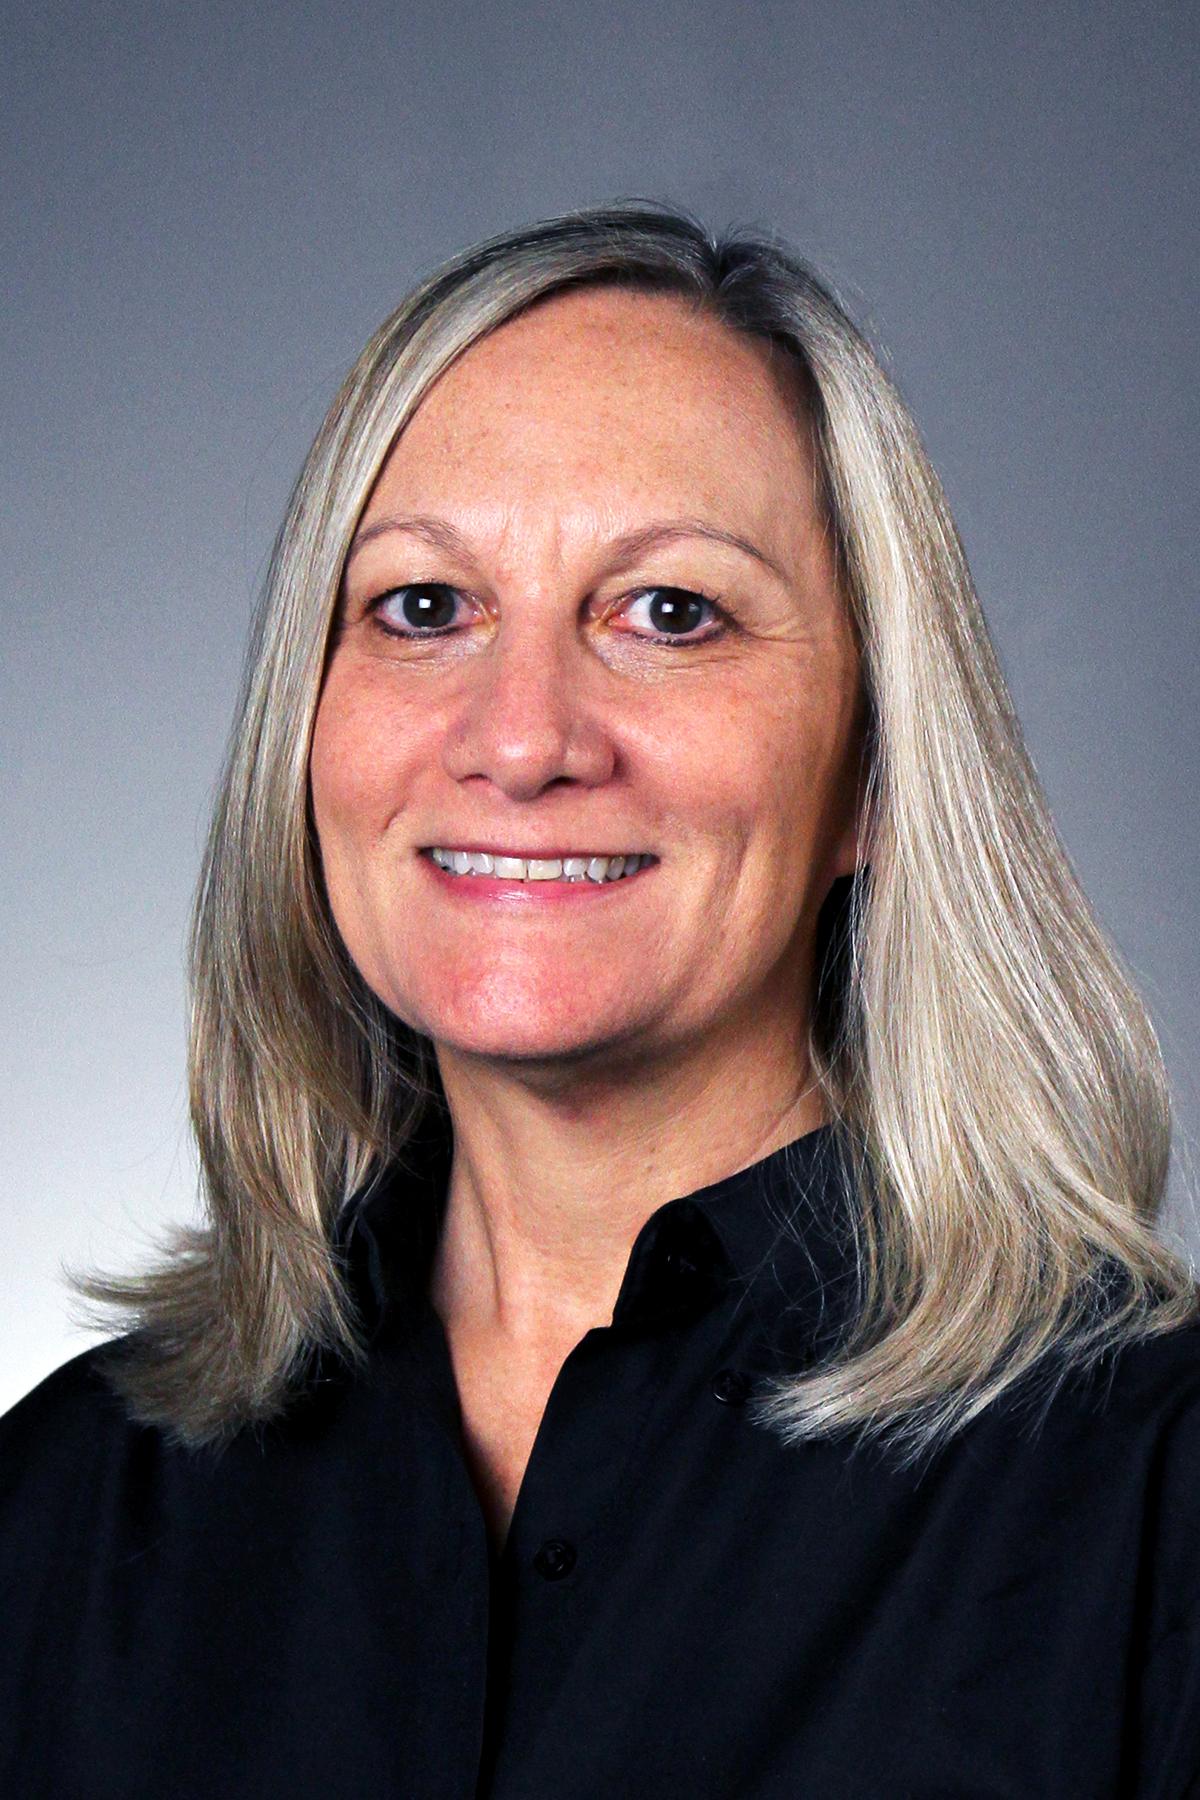 Jane Napolitano